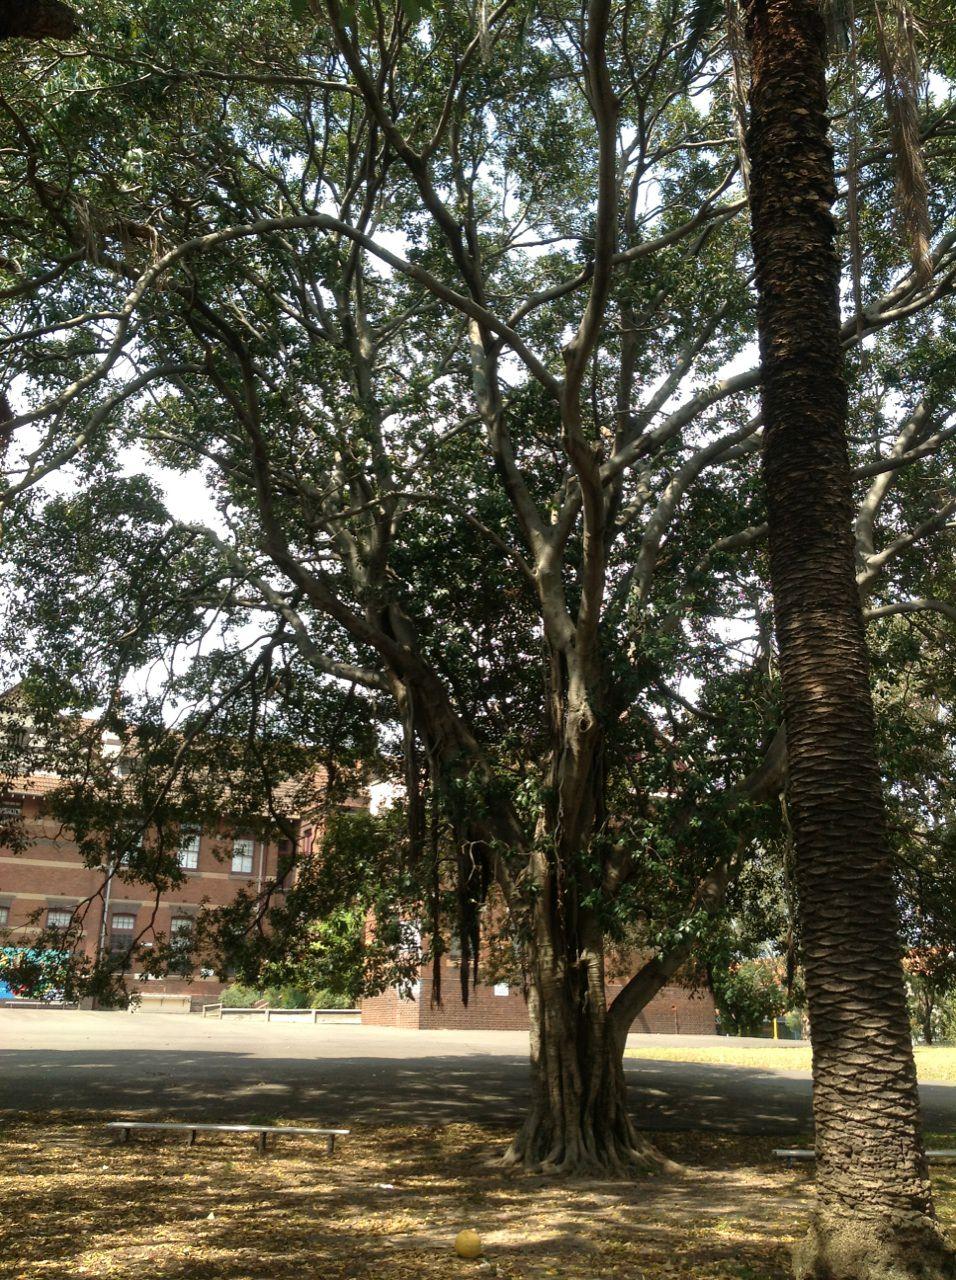 Port Jackson Fig and Canary Island Date Palm